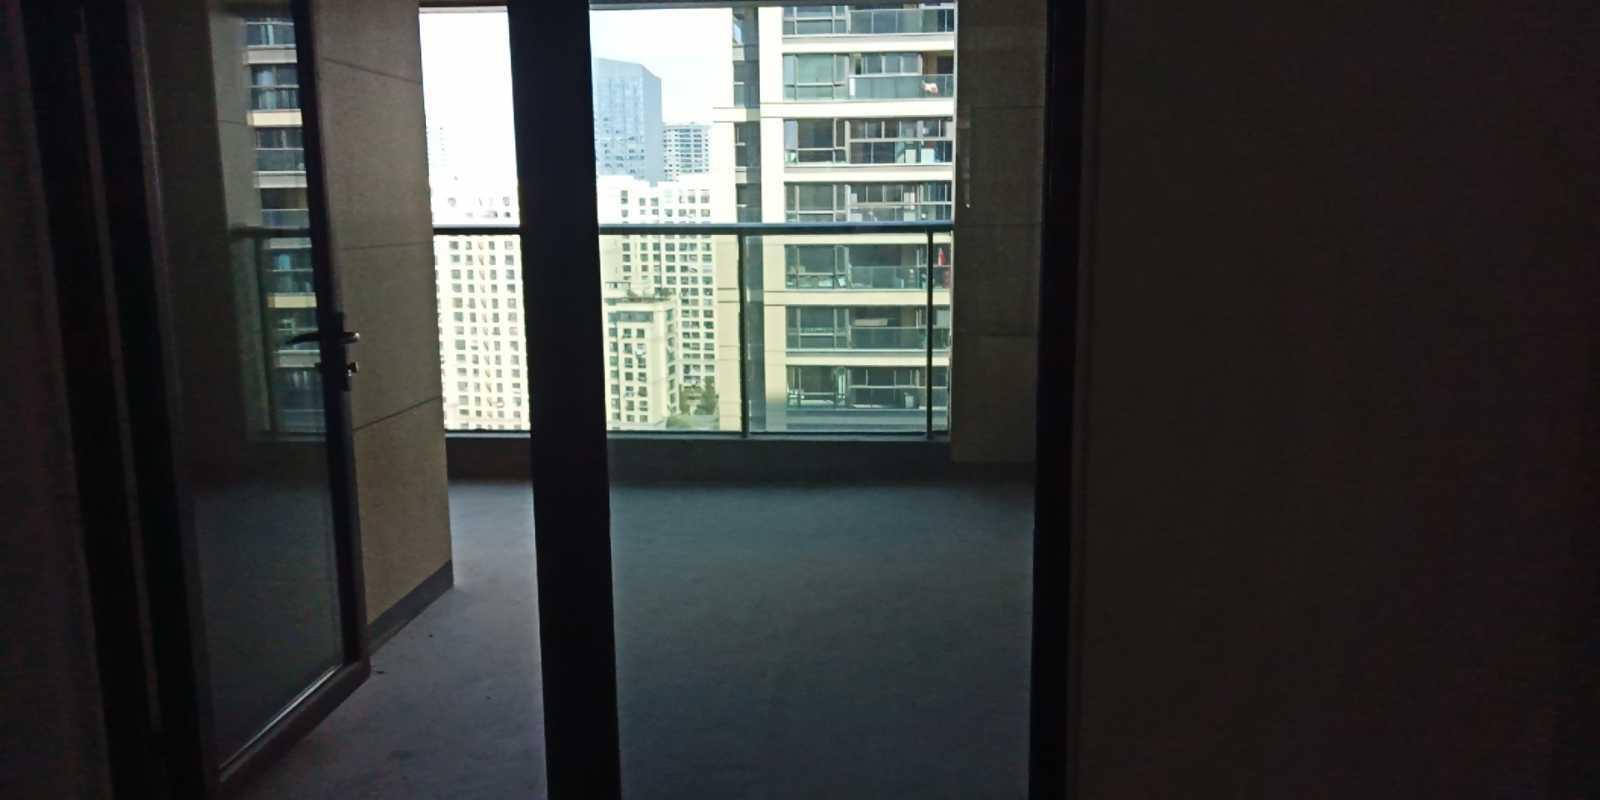 09112出售剡江越园17楼共33楼,面积127平方,3室2厅,得房率100%,送前后阳台35方,加电梯口车位一只,毛坯,最好的户型,第三期产证不满2年,带车位155万净的实拍照片